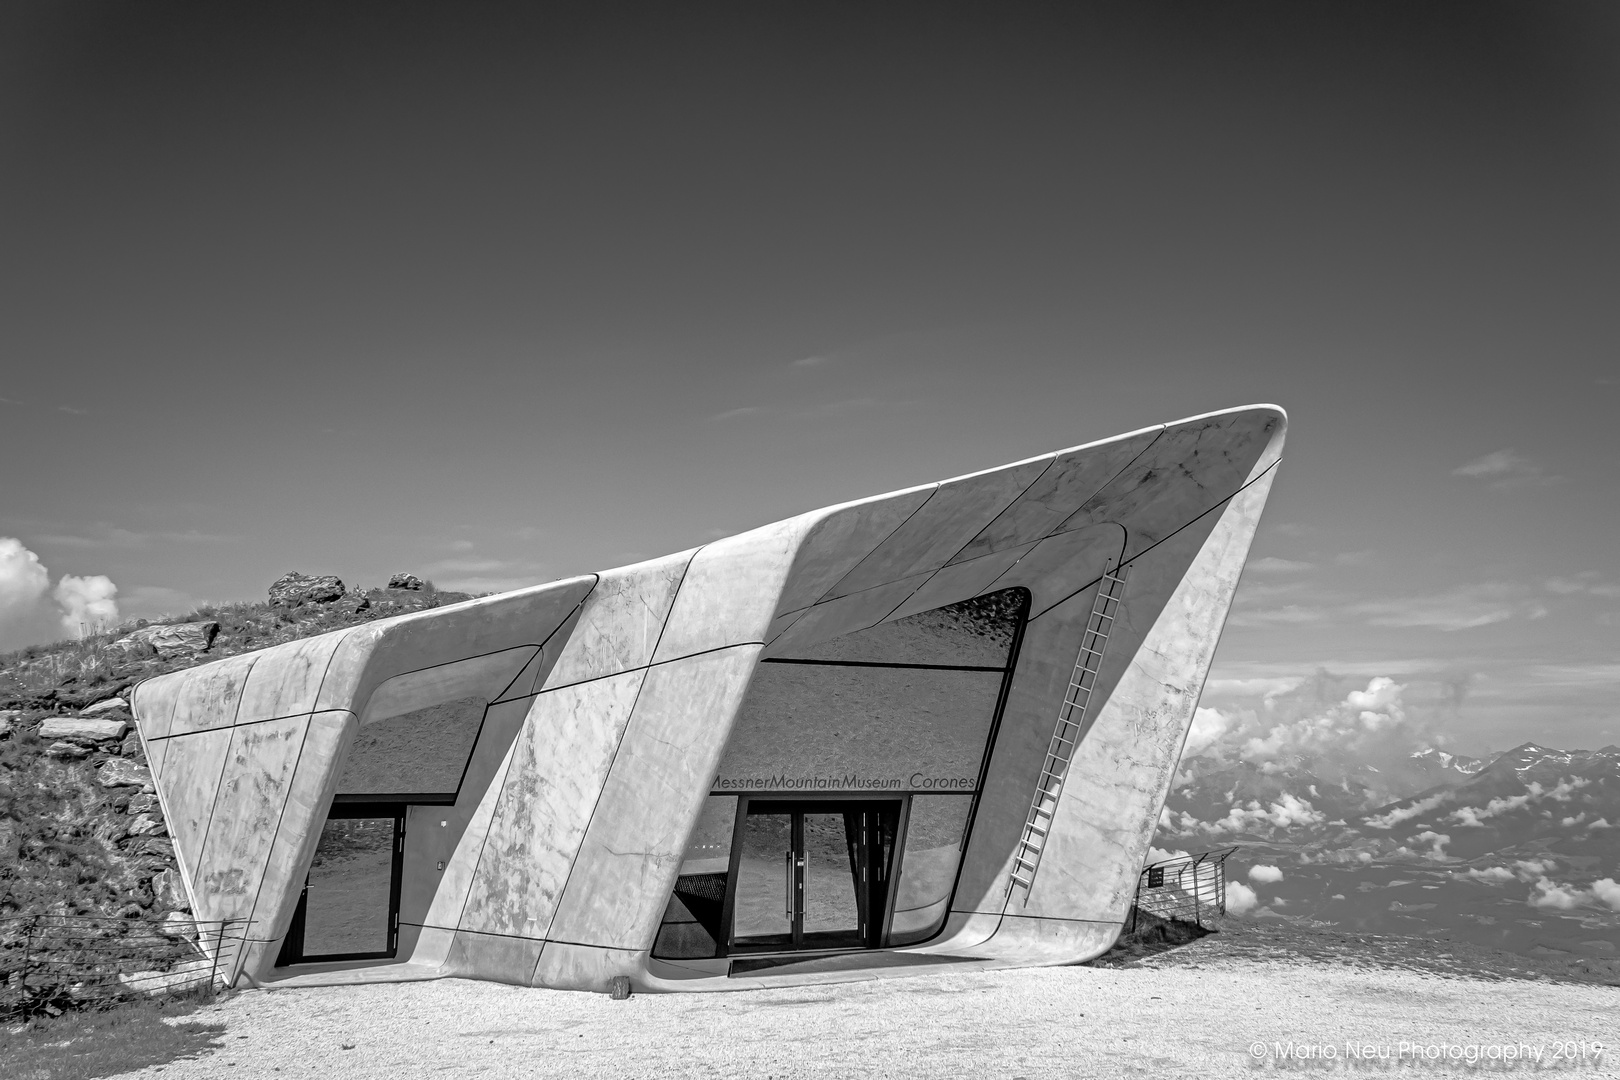 Messner Moutain Museum, Corones